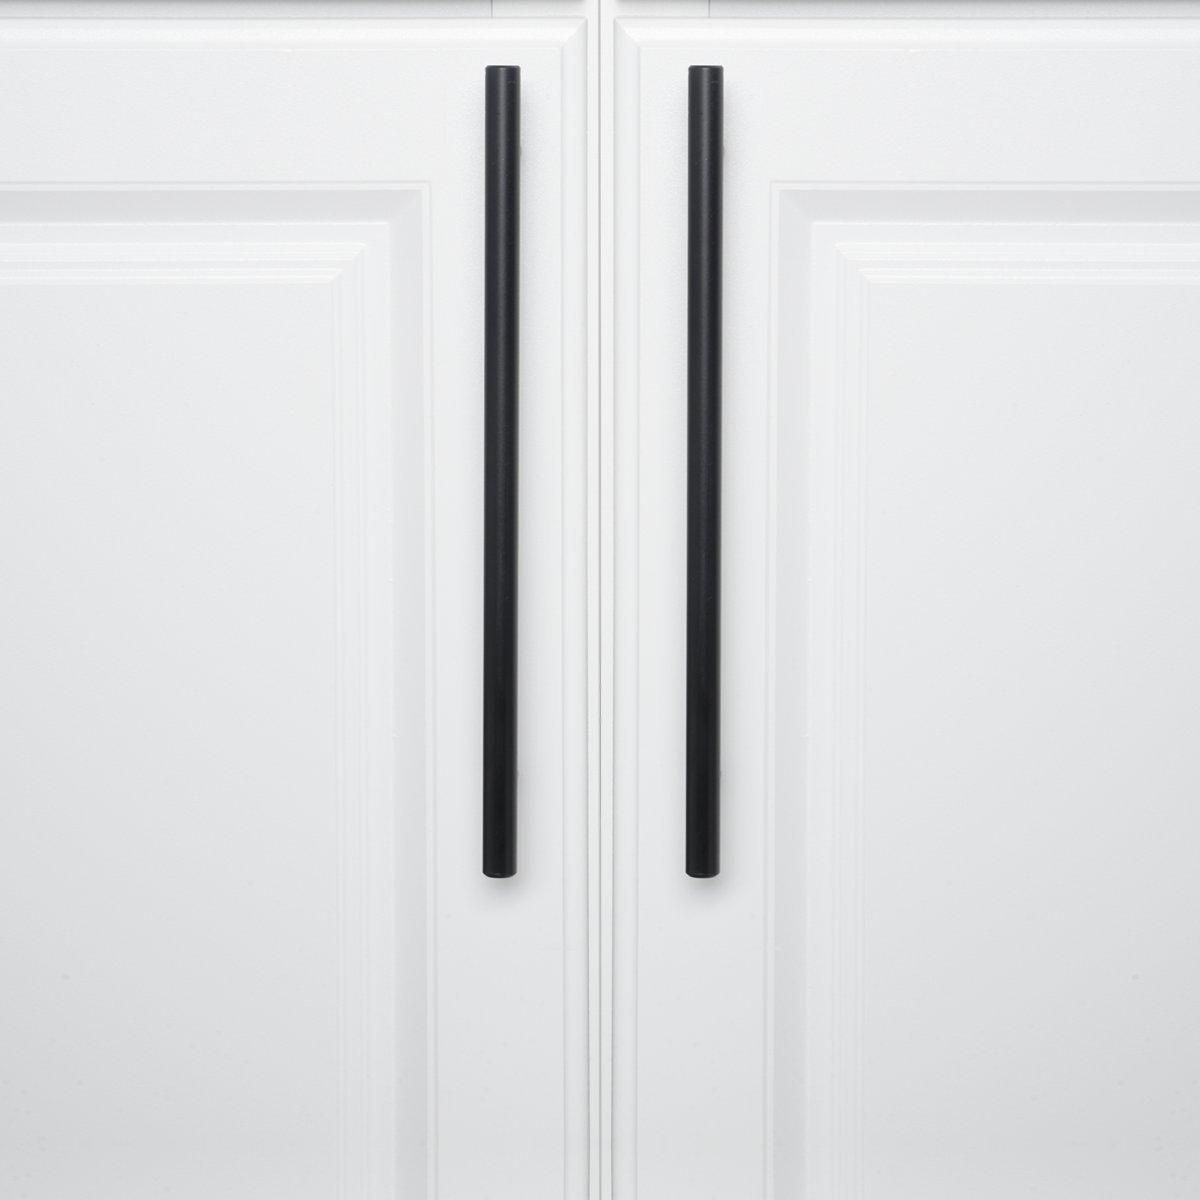 Basics Europ/äischer Steggriff Matt-Schwarz 1,27 cm Durchmesser M/öbelgriff Lochmitte zu Lochmitte: 32,08 cm L/änge: 31,1 cm 10er-Pack